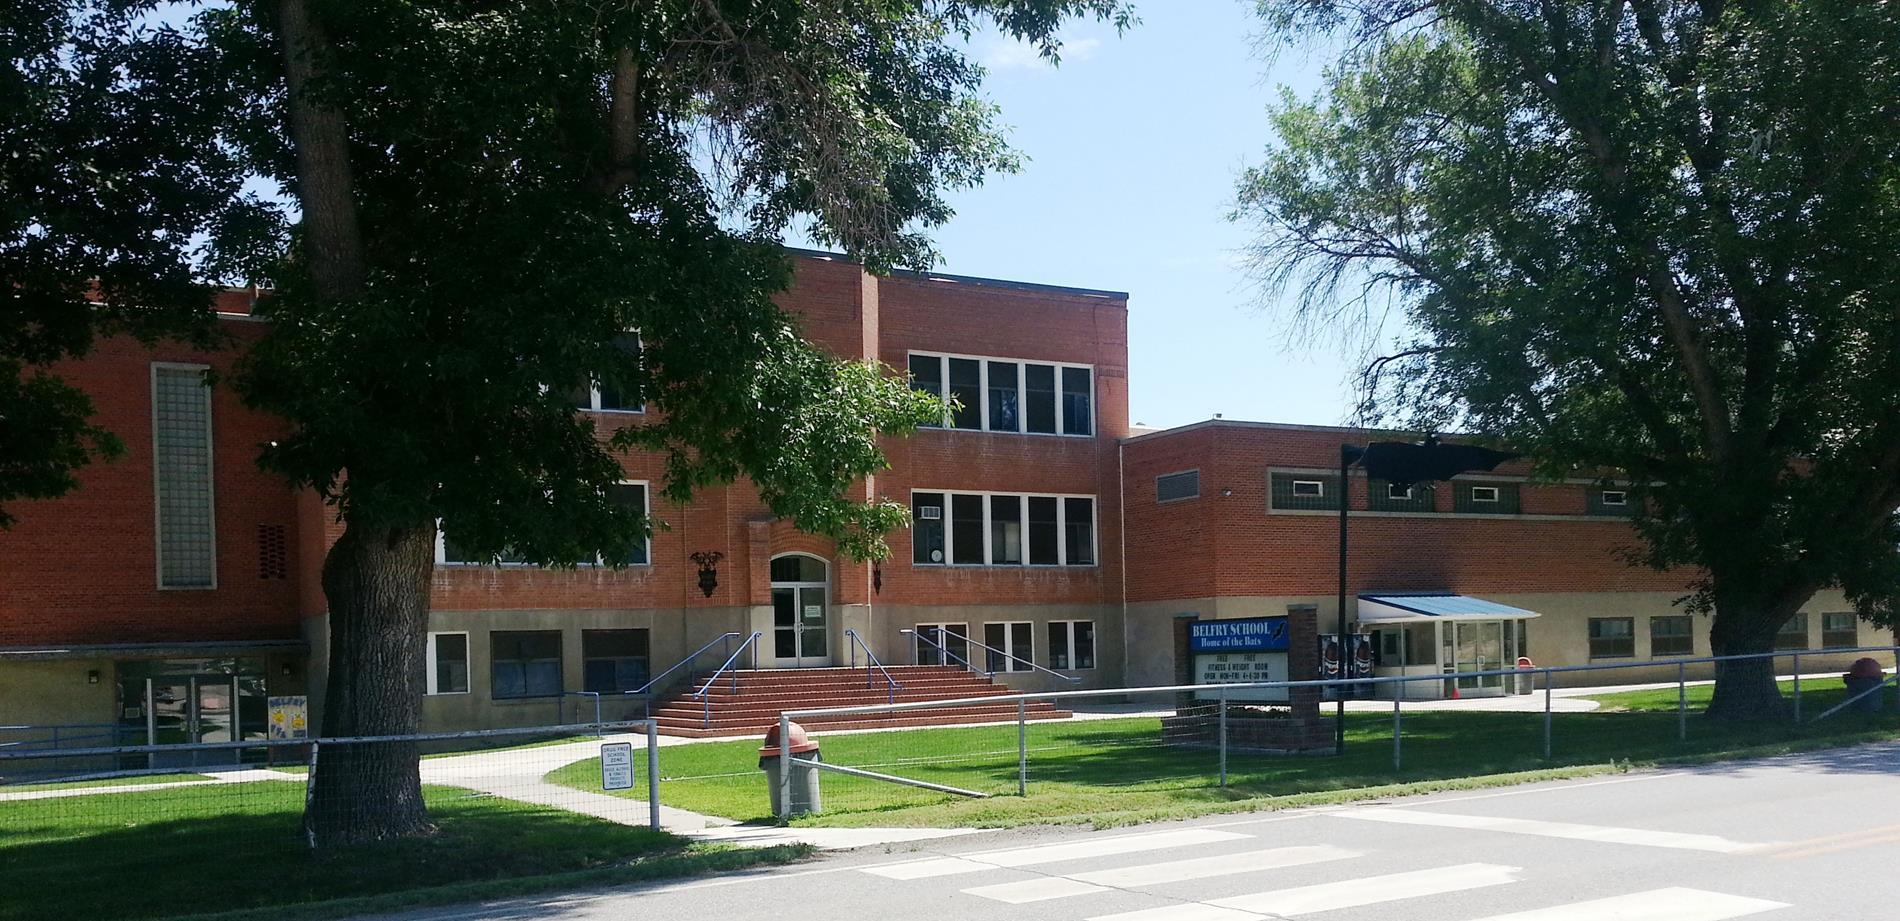 Belfry School